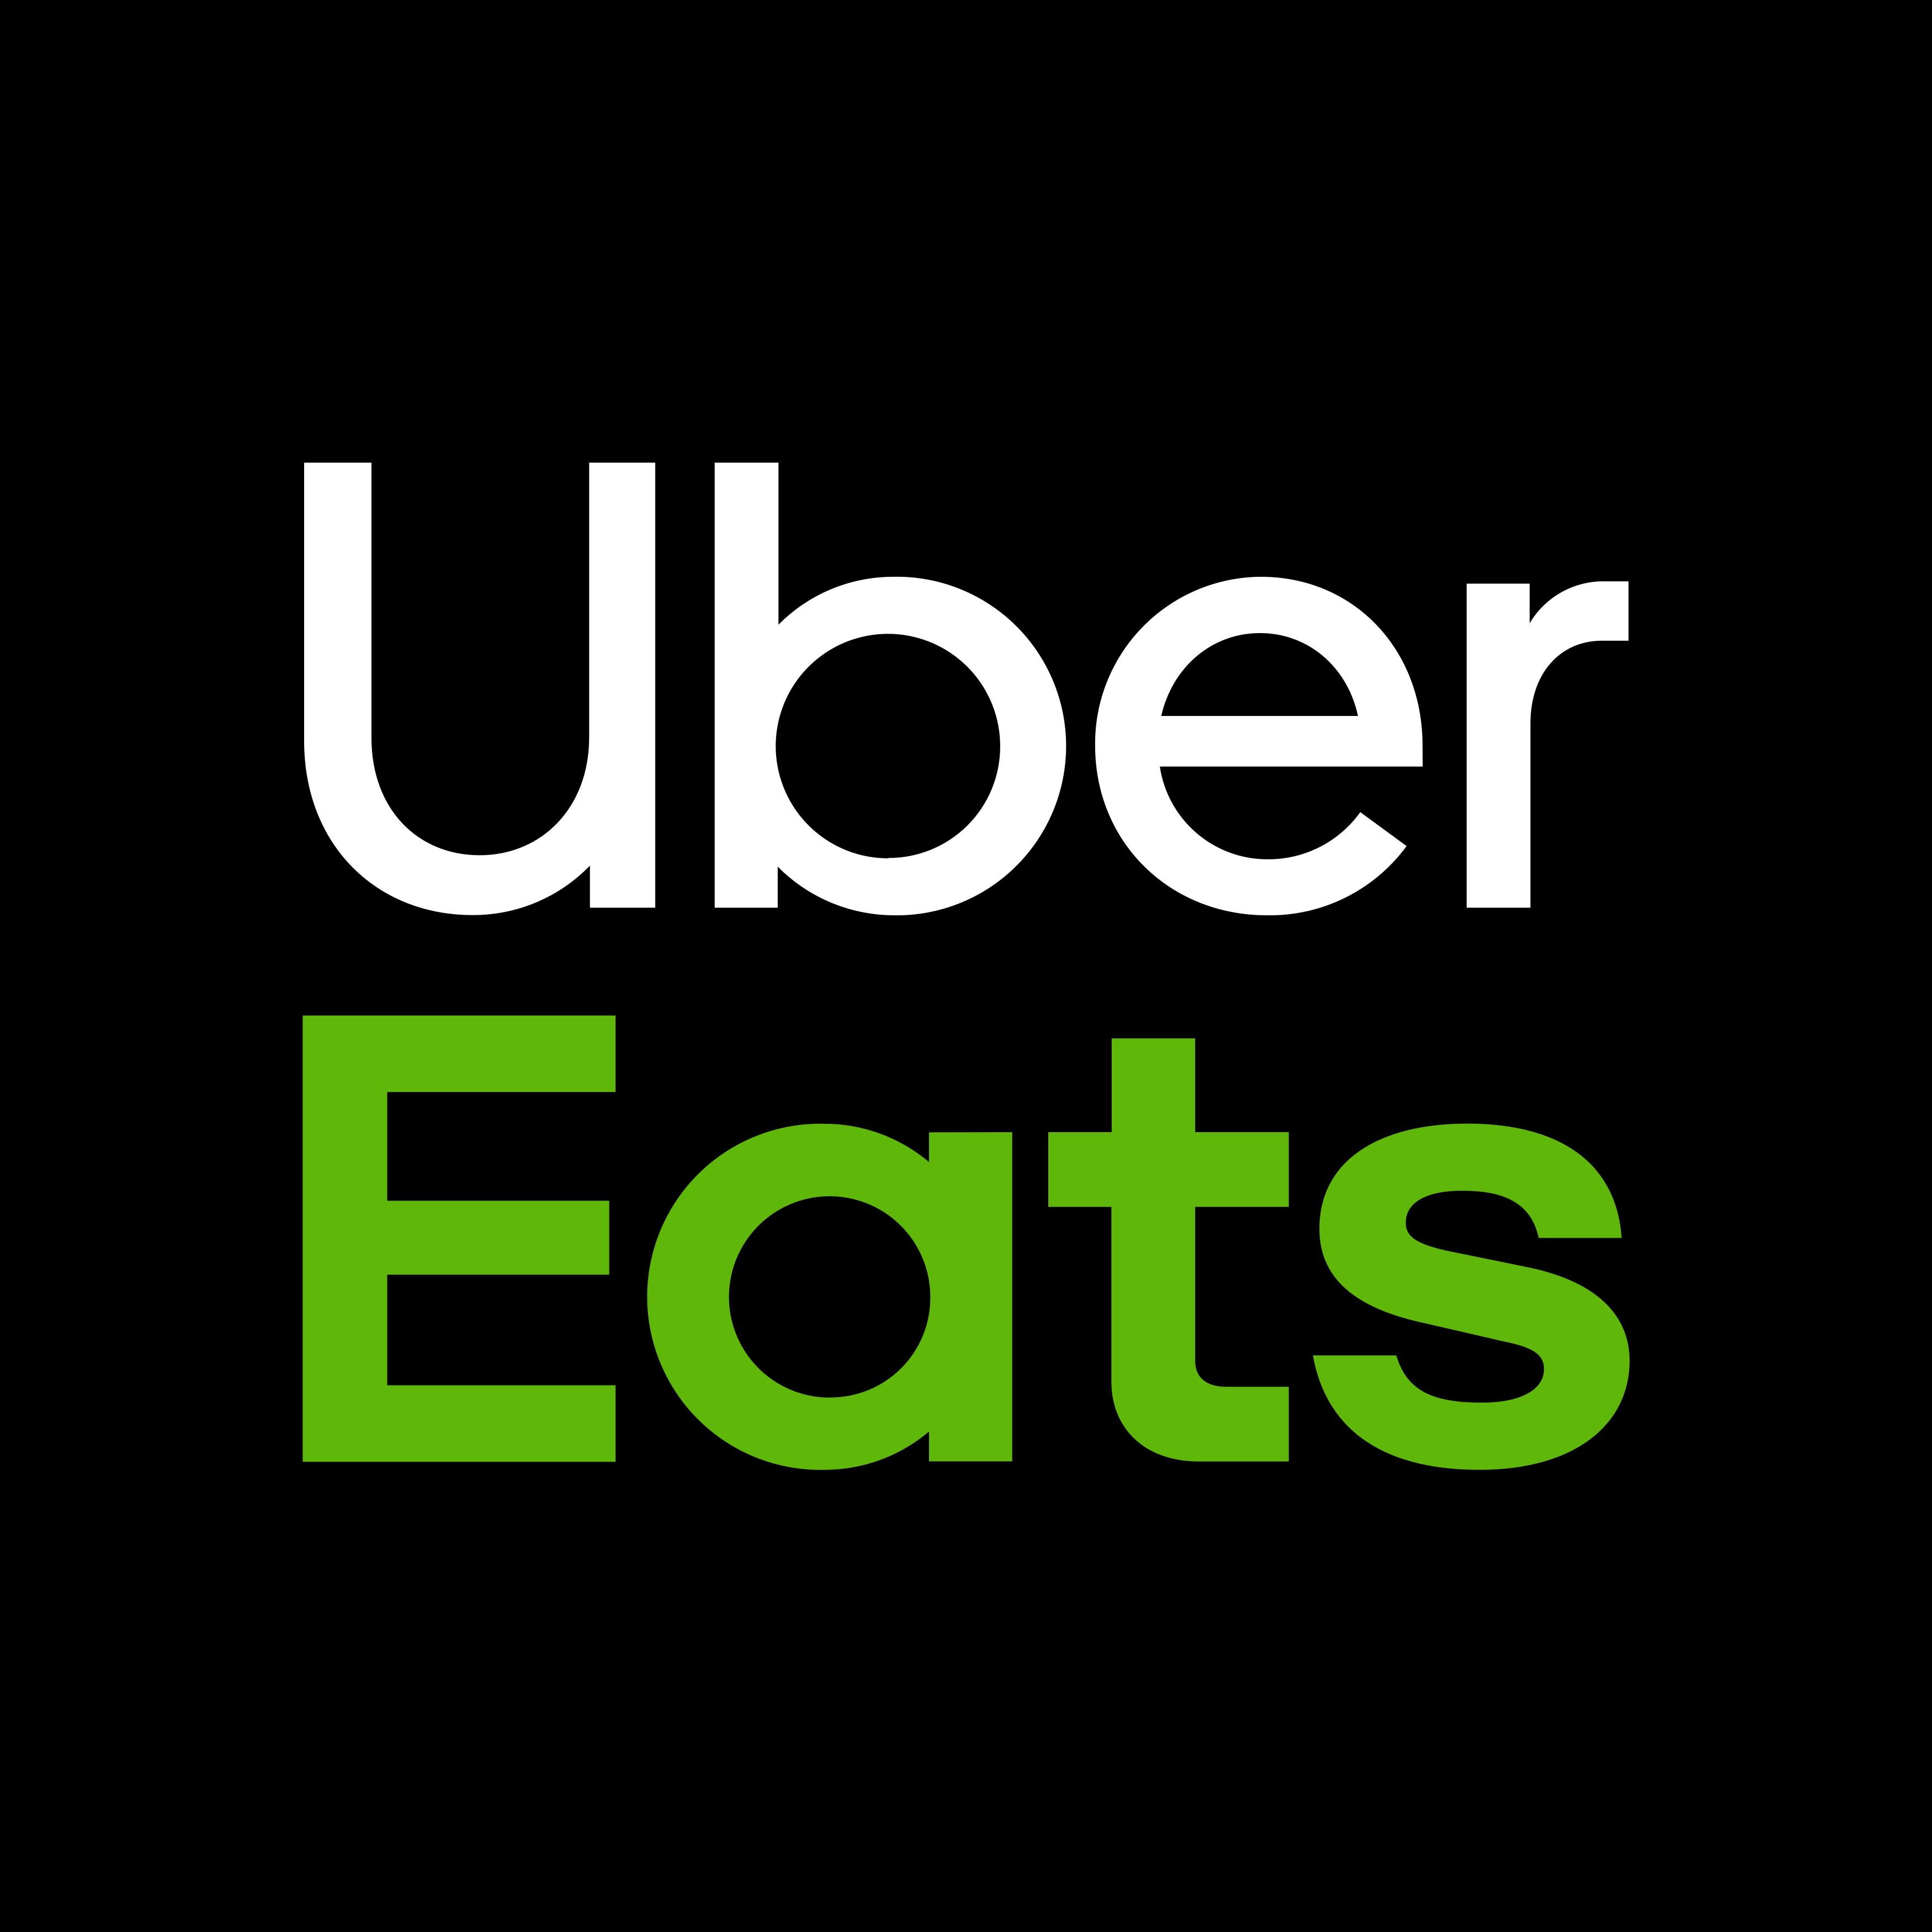 10 euros gratis para uber eats (Cuentas nuevas)